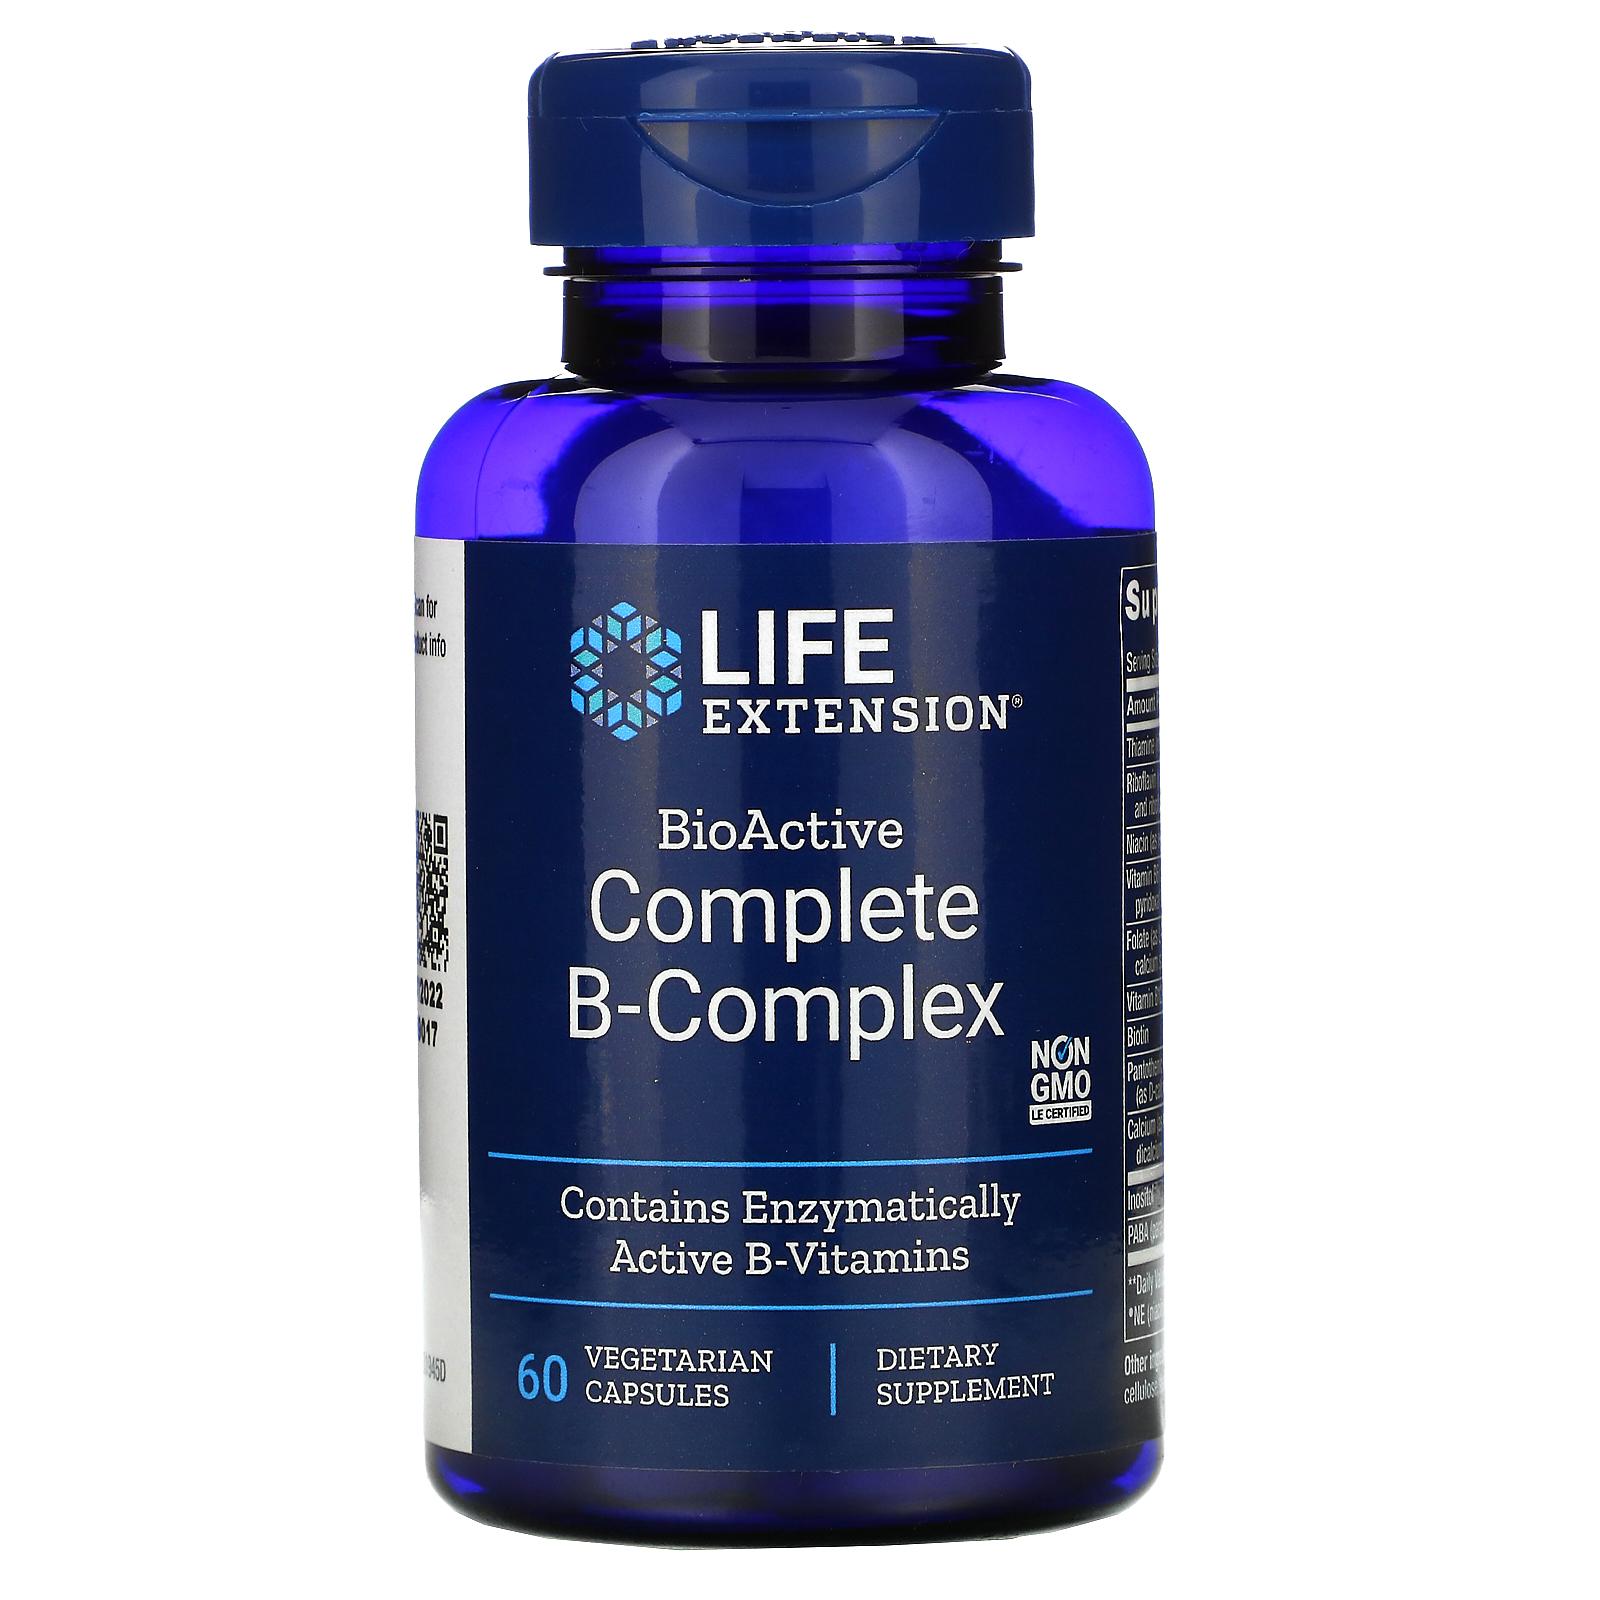 Kosttilskuddet BioActive Complete B-Complex